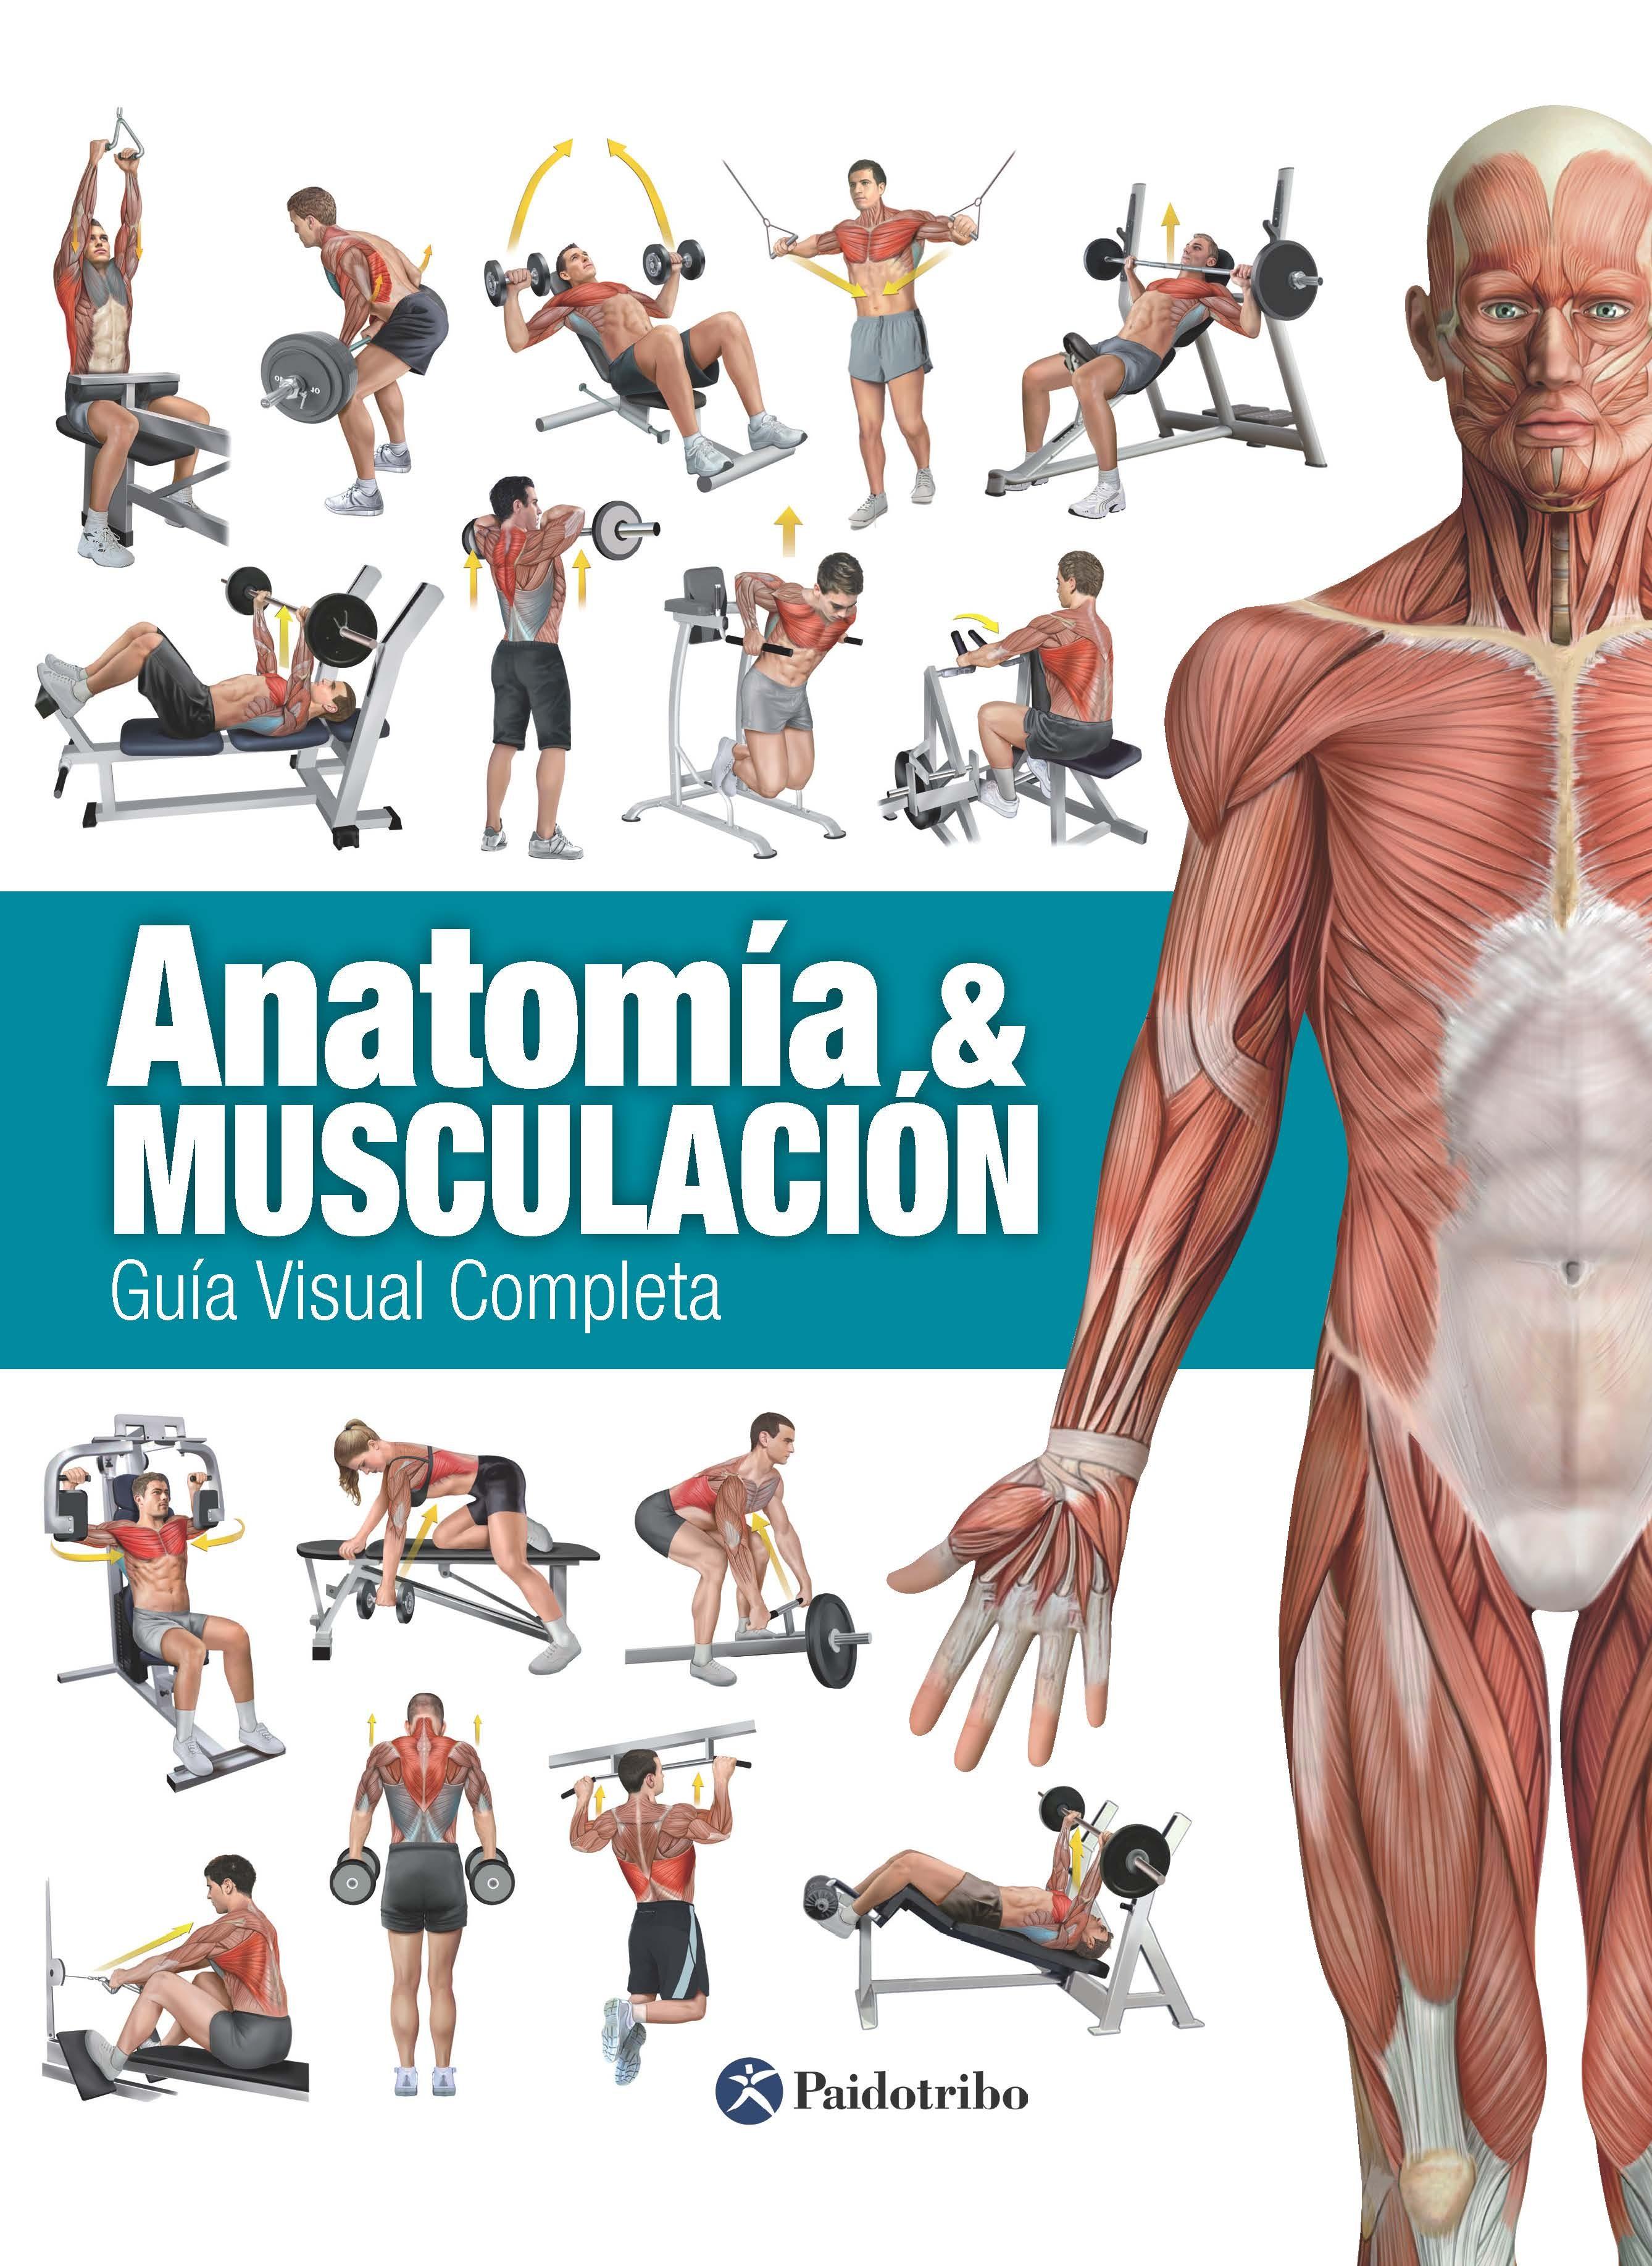 Anatomía & Musculación (Color) (ebook) · Ebooks · El Corte Inglés